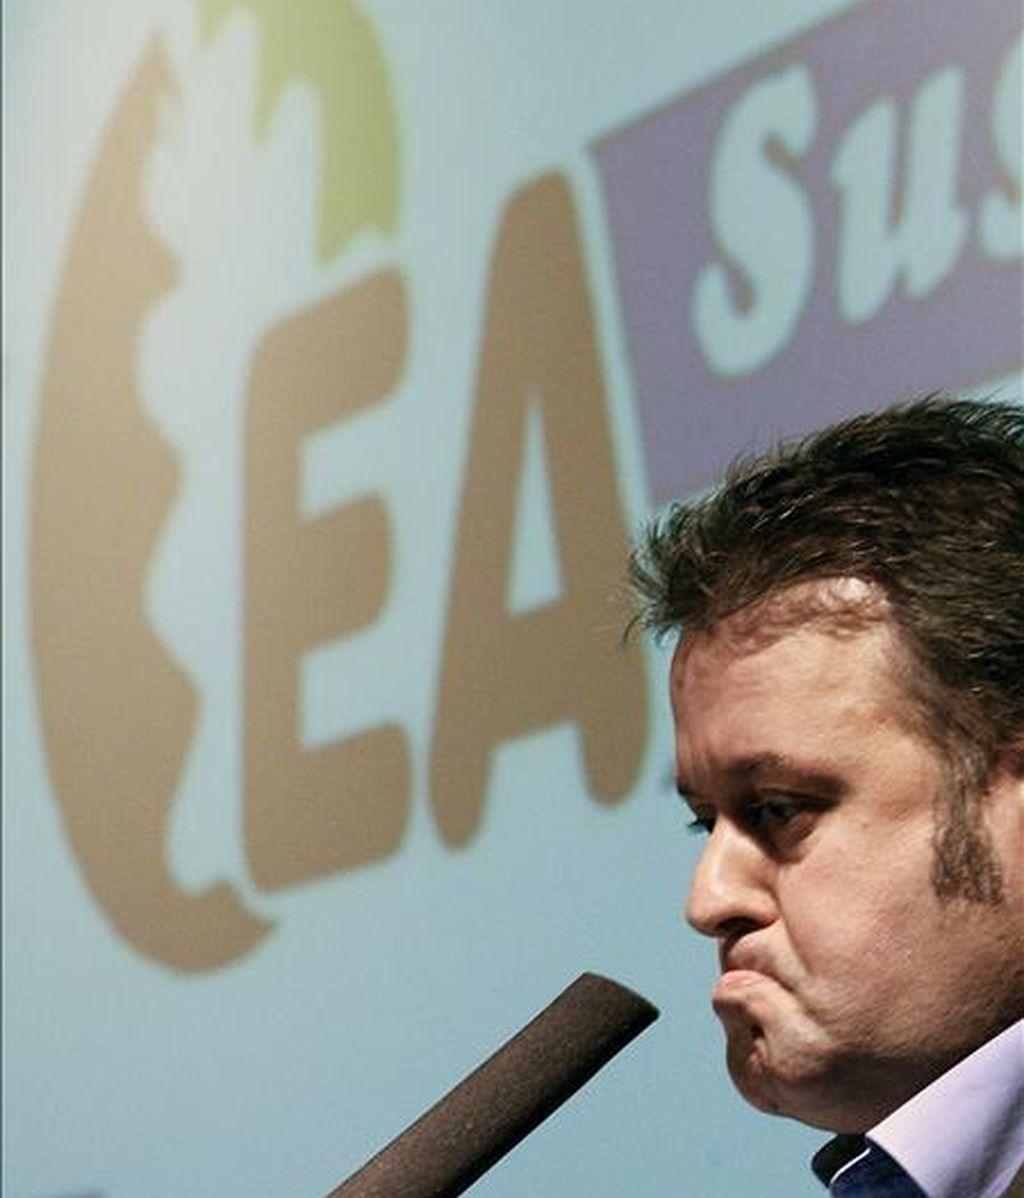 El presidente de EA en Guipúzcoa, Iñaki Galdós. EFE/Archivo